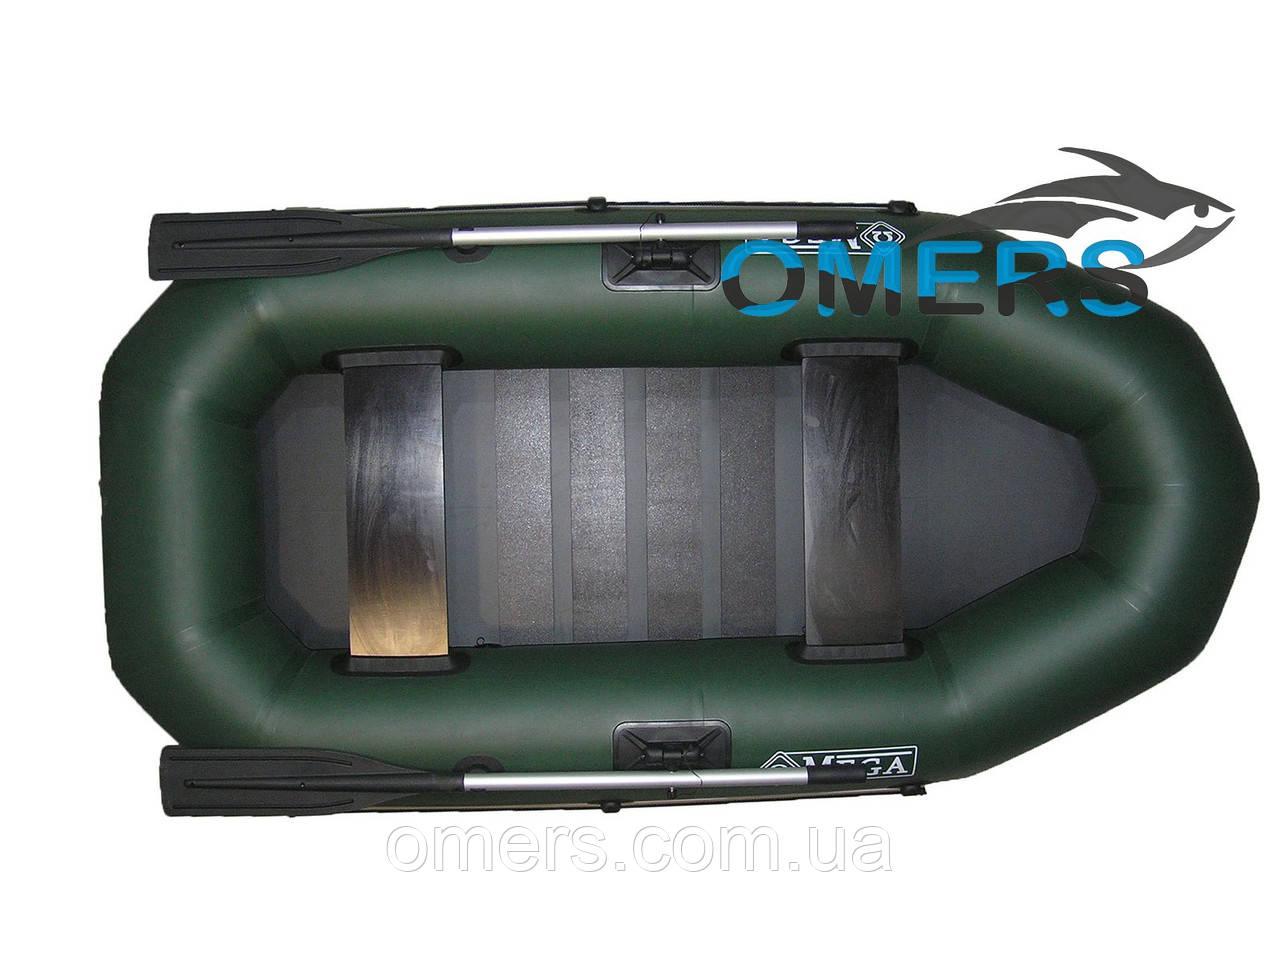 интернет магазин в новосибирске резиновую лодку